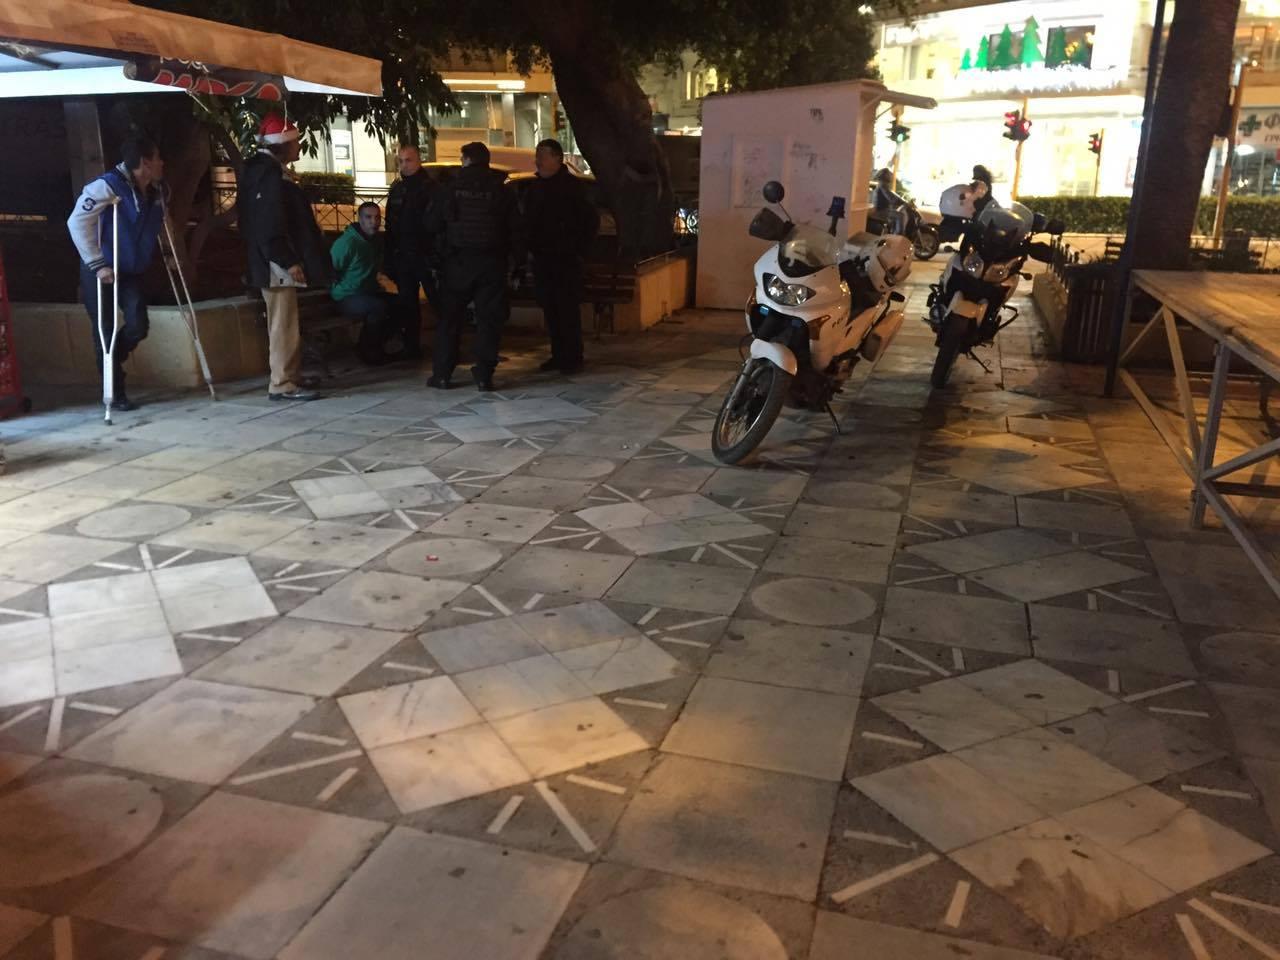 Τριτοκοσμικές καταστάσεις στο κέντρο των Χανίων μόλις νυχτώσει